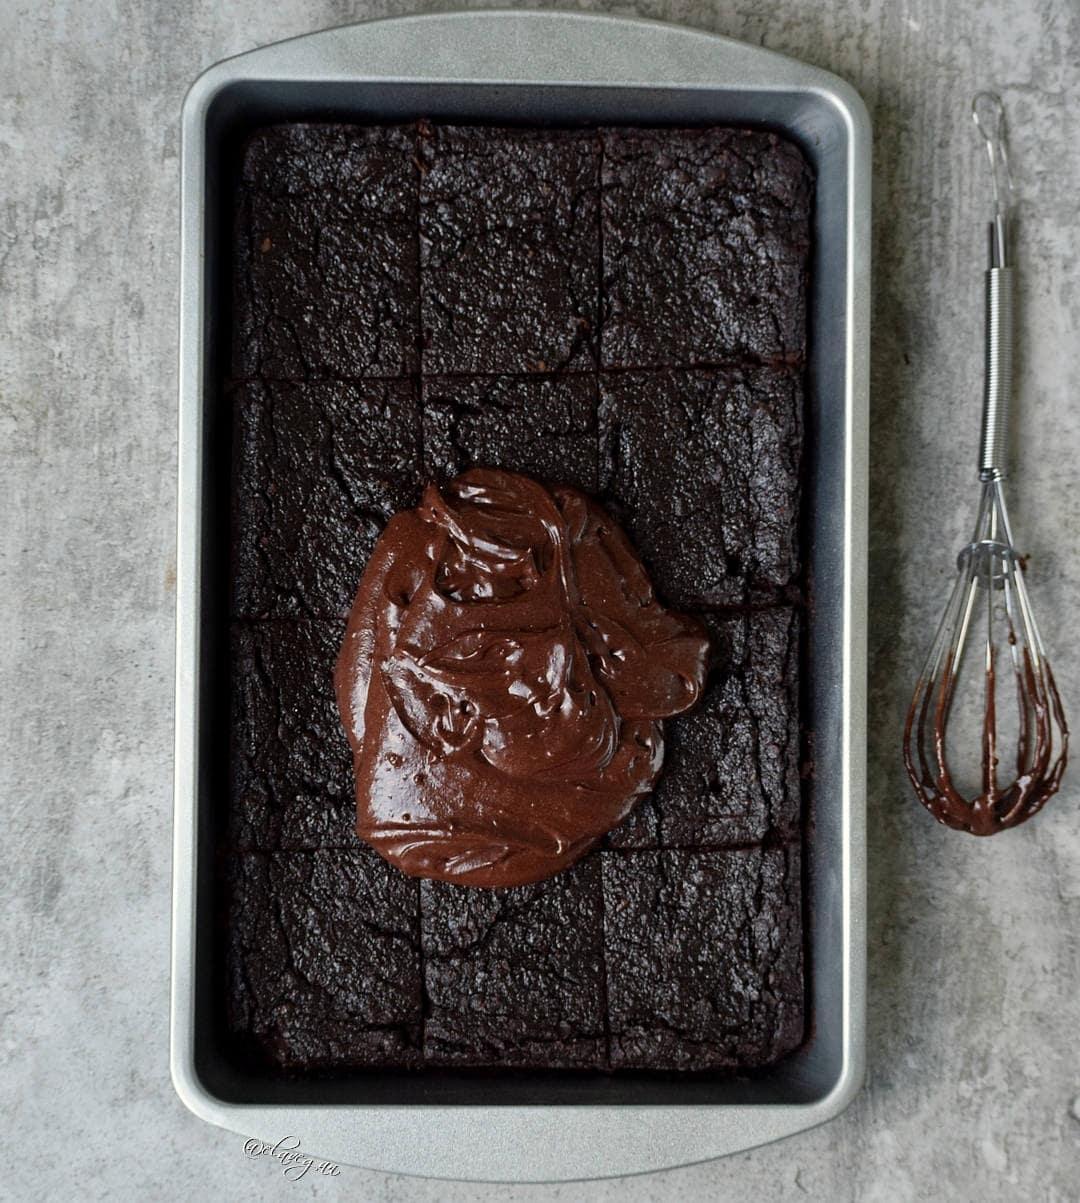 die besten brownies vegan, glutenfrei mit einer Schokoladenglasur